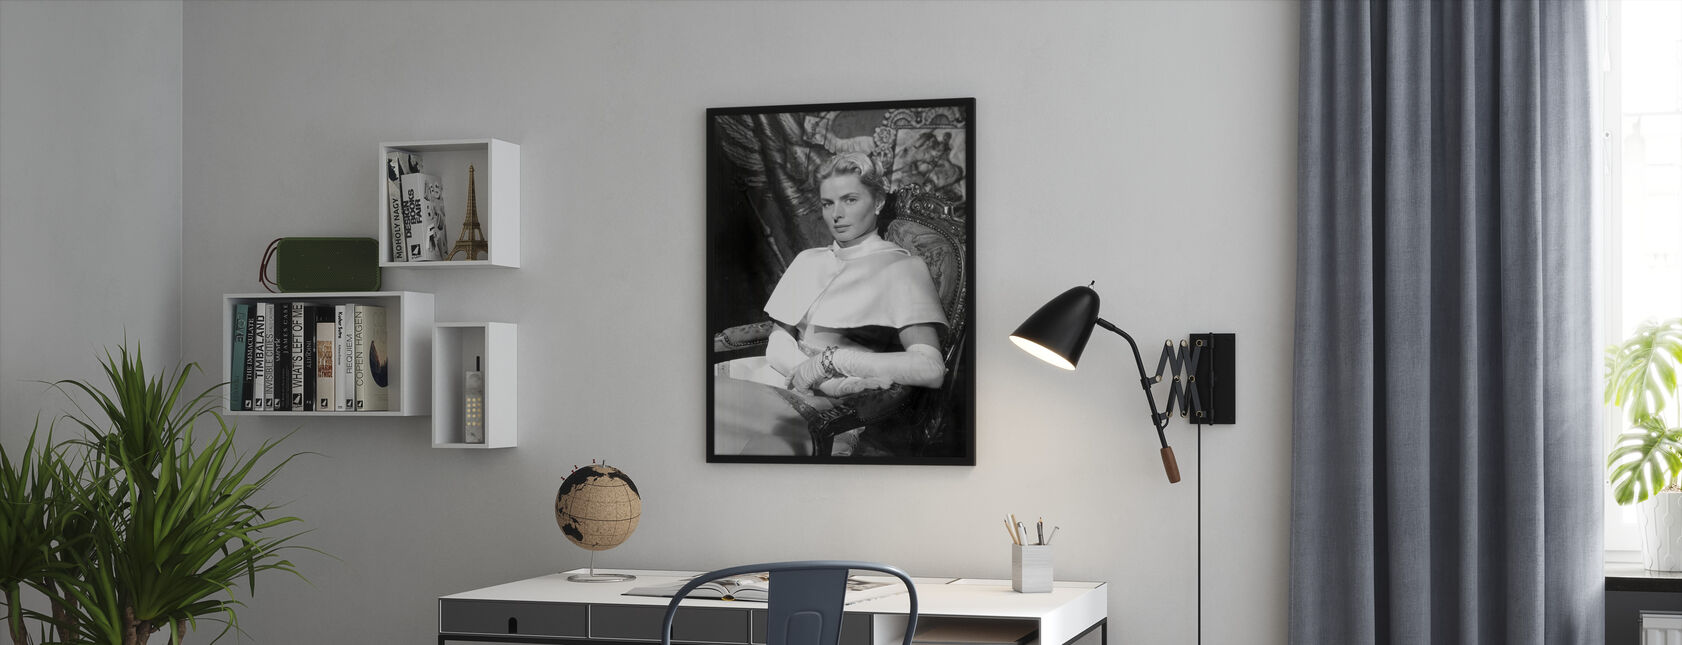 Anastasia 1986 - Framed print - Office